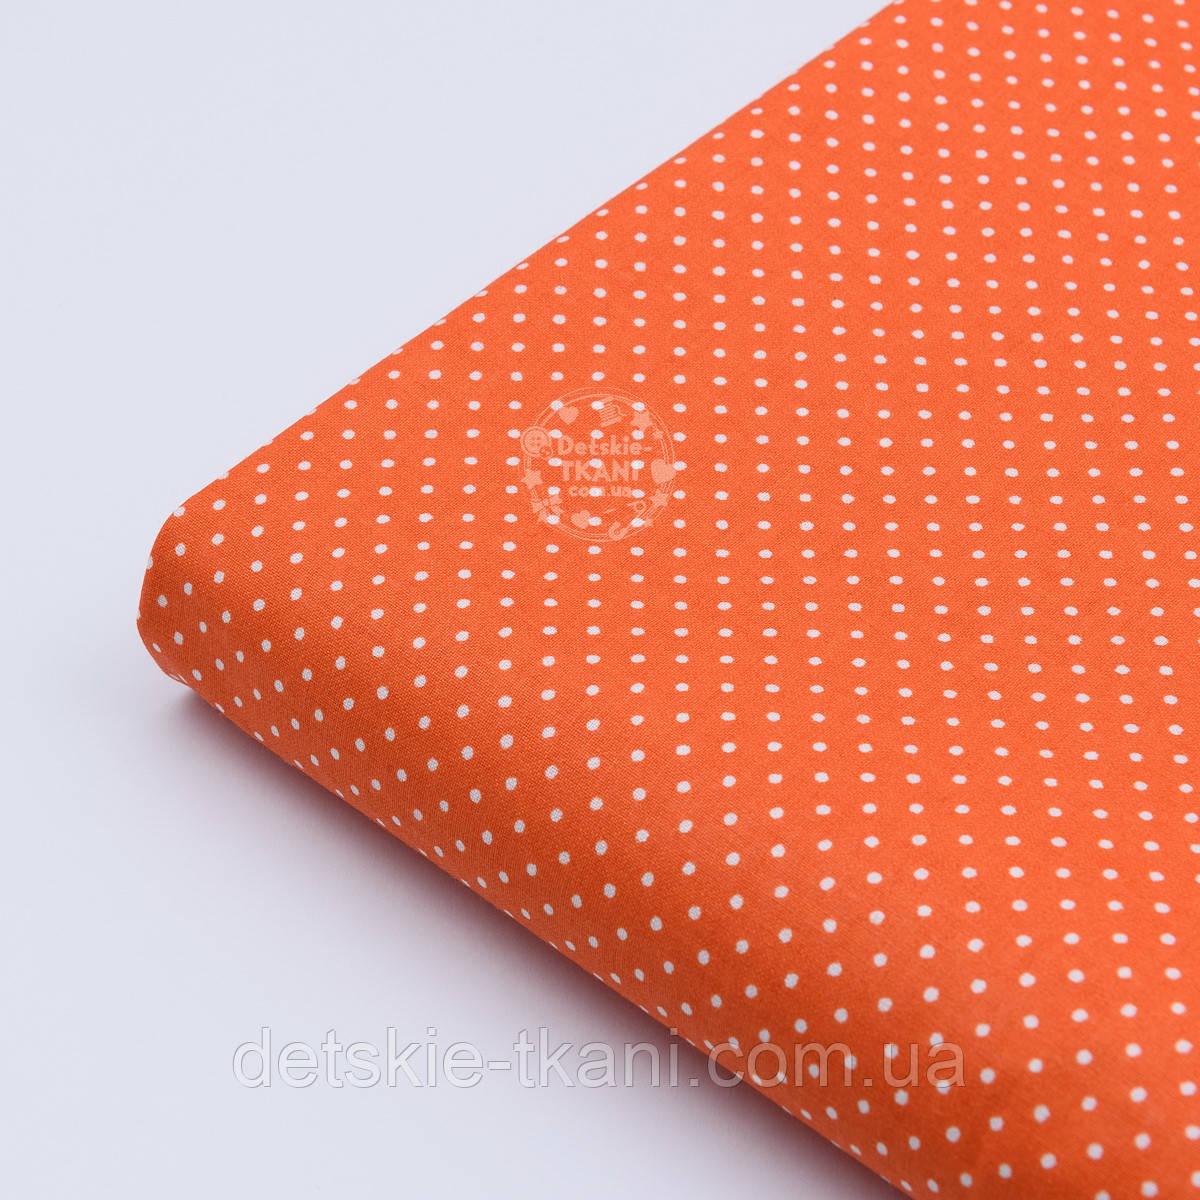 """Отрез ткани """"Густой горошек 2 мм"""" на оранжевом фоне, №1855а, размер 90*160"""